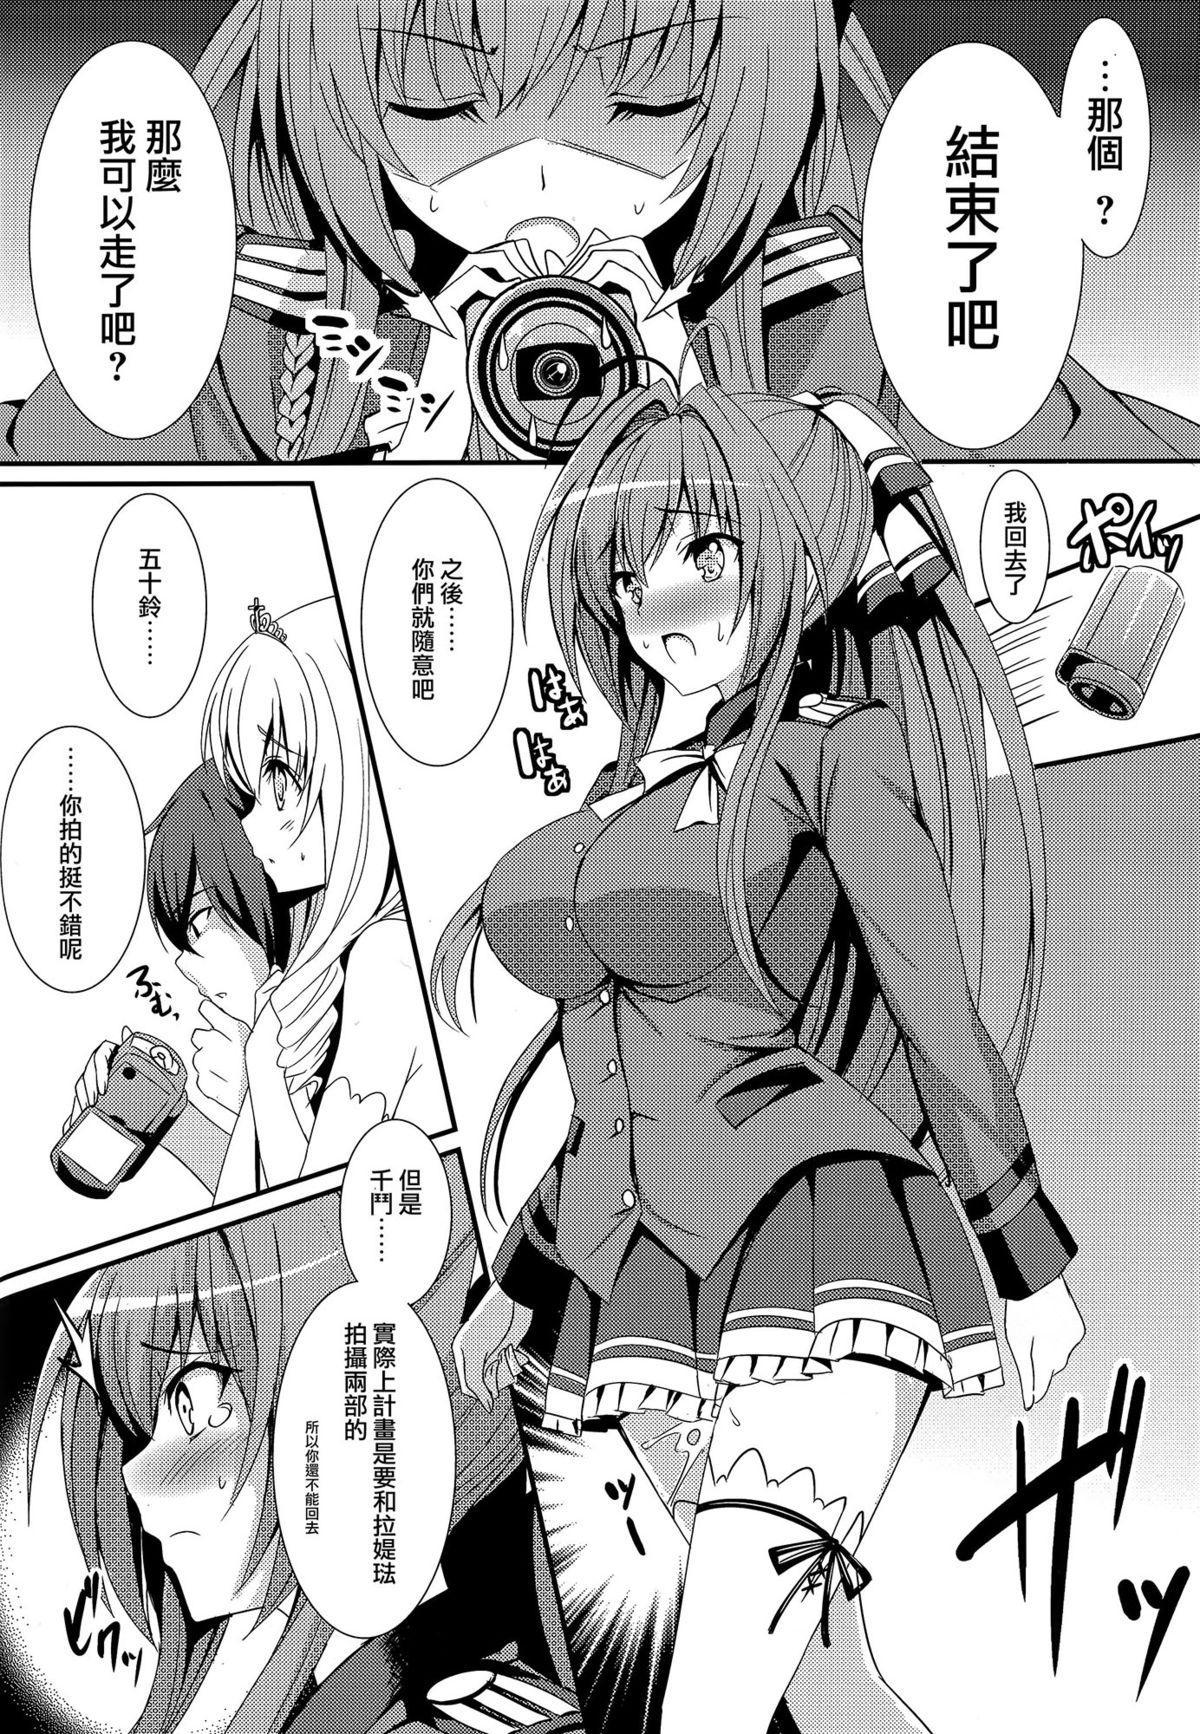 Gekisatsu Brilliant Girls 16